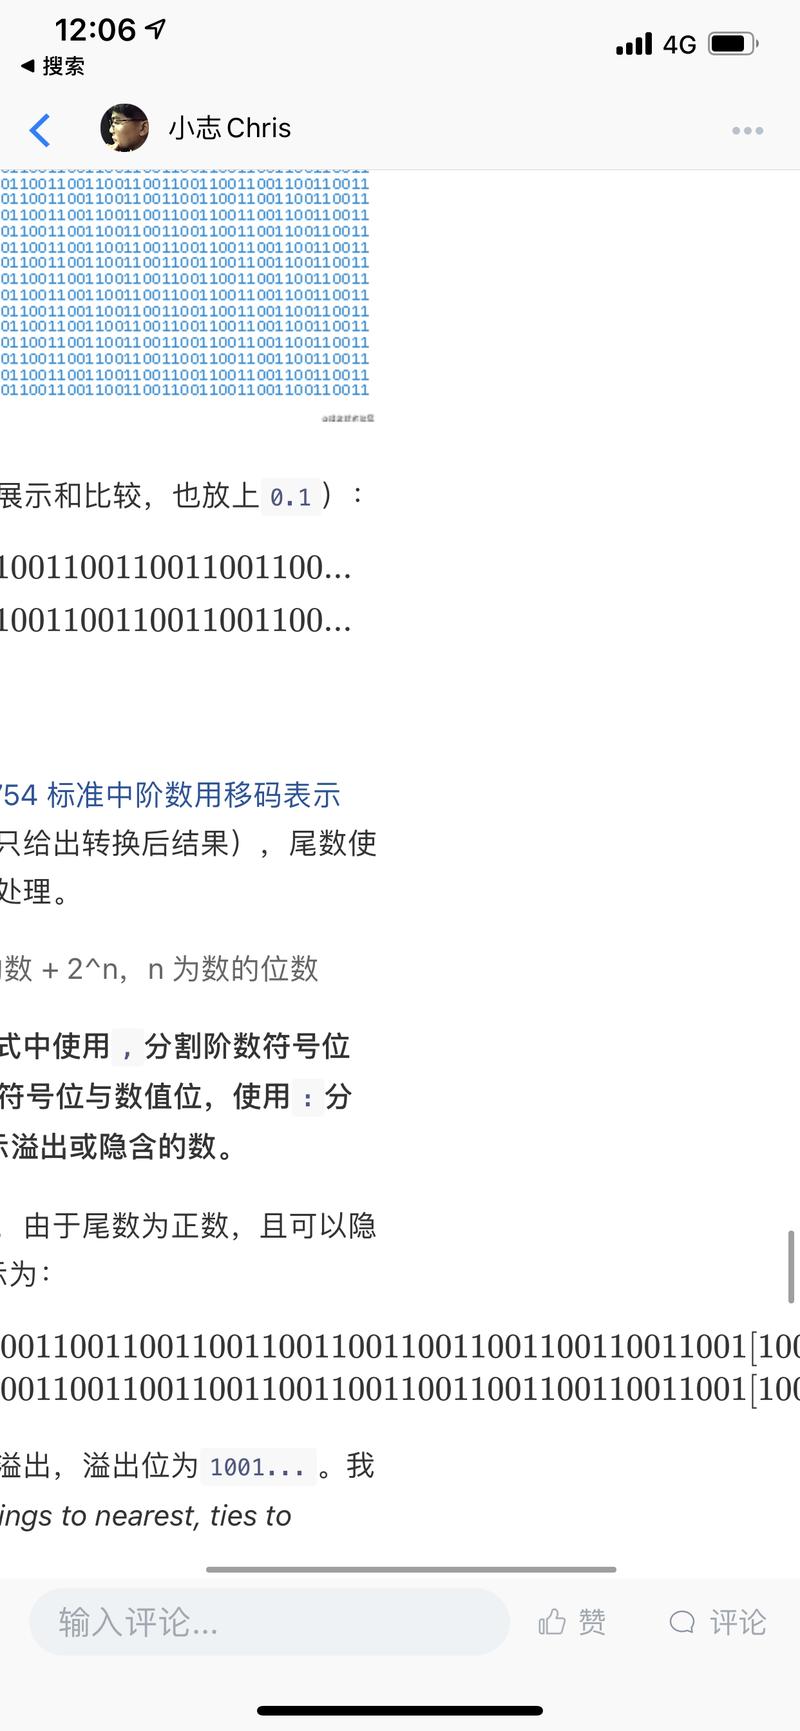 小志Chris于2021-02-18 12:07发布的图片